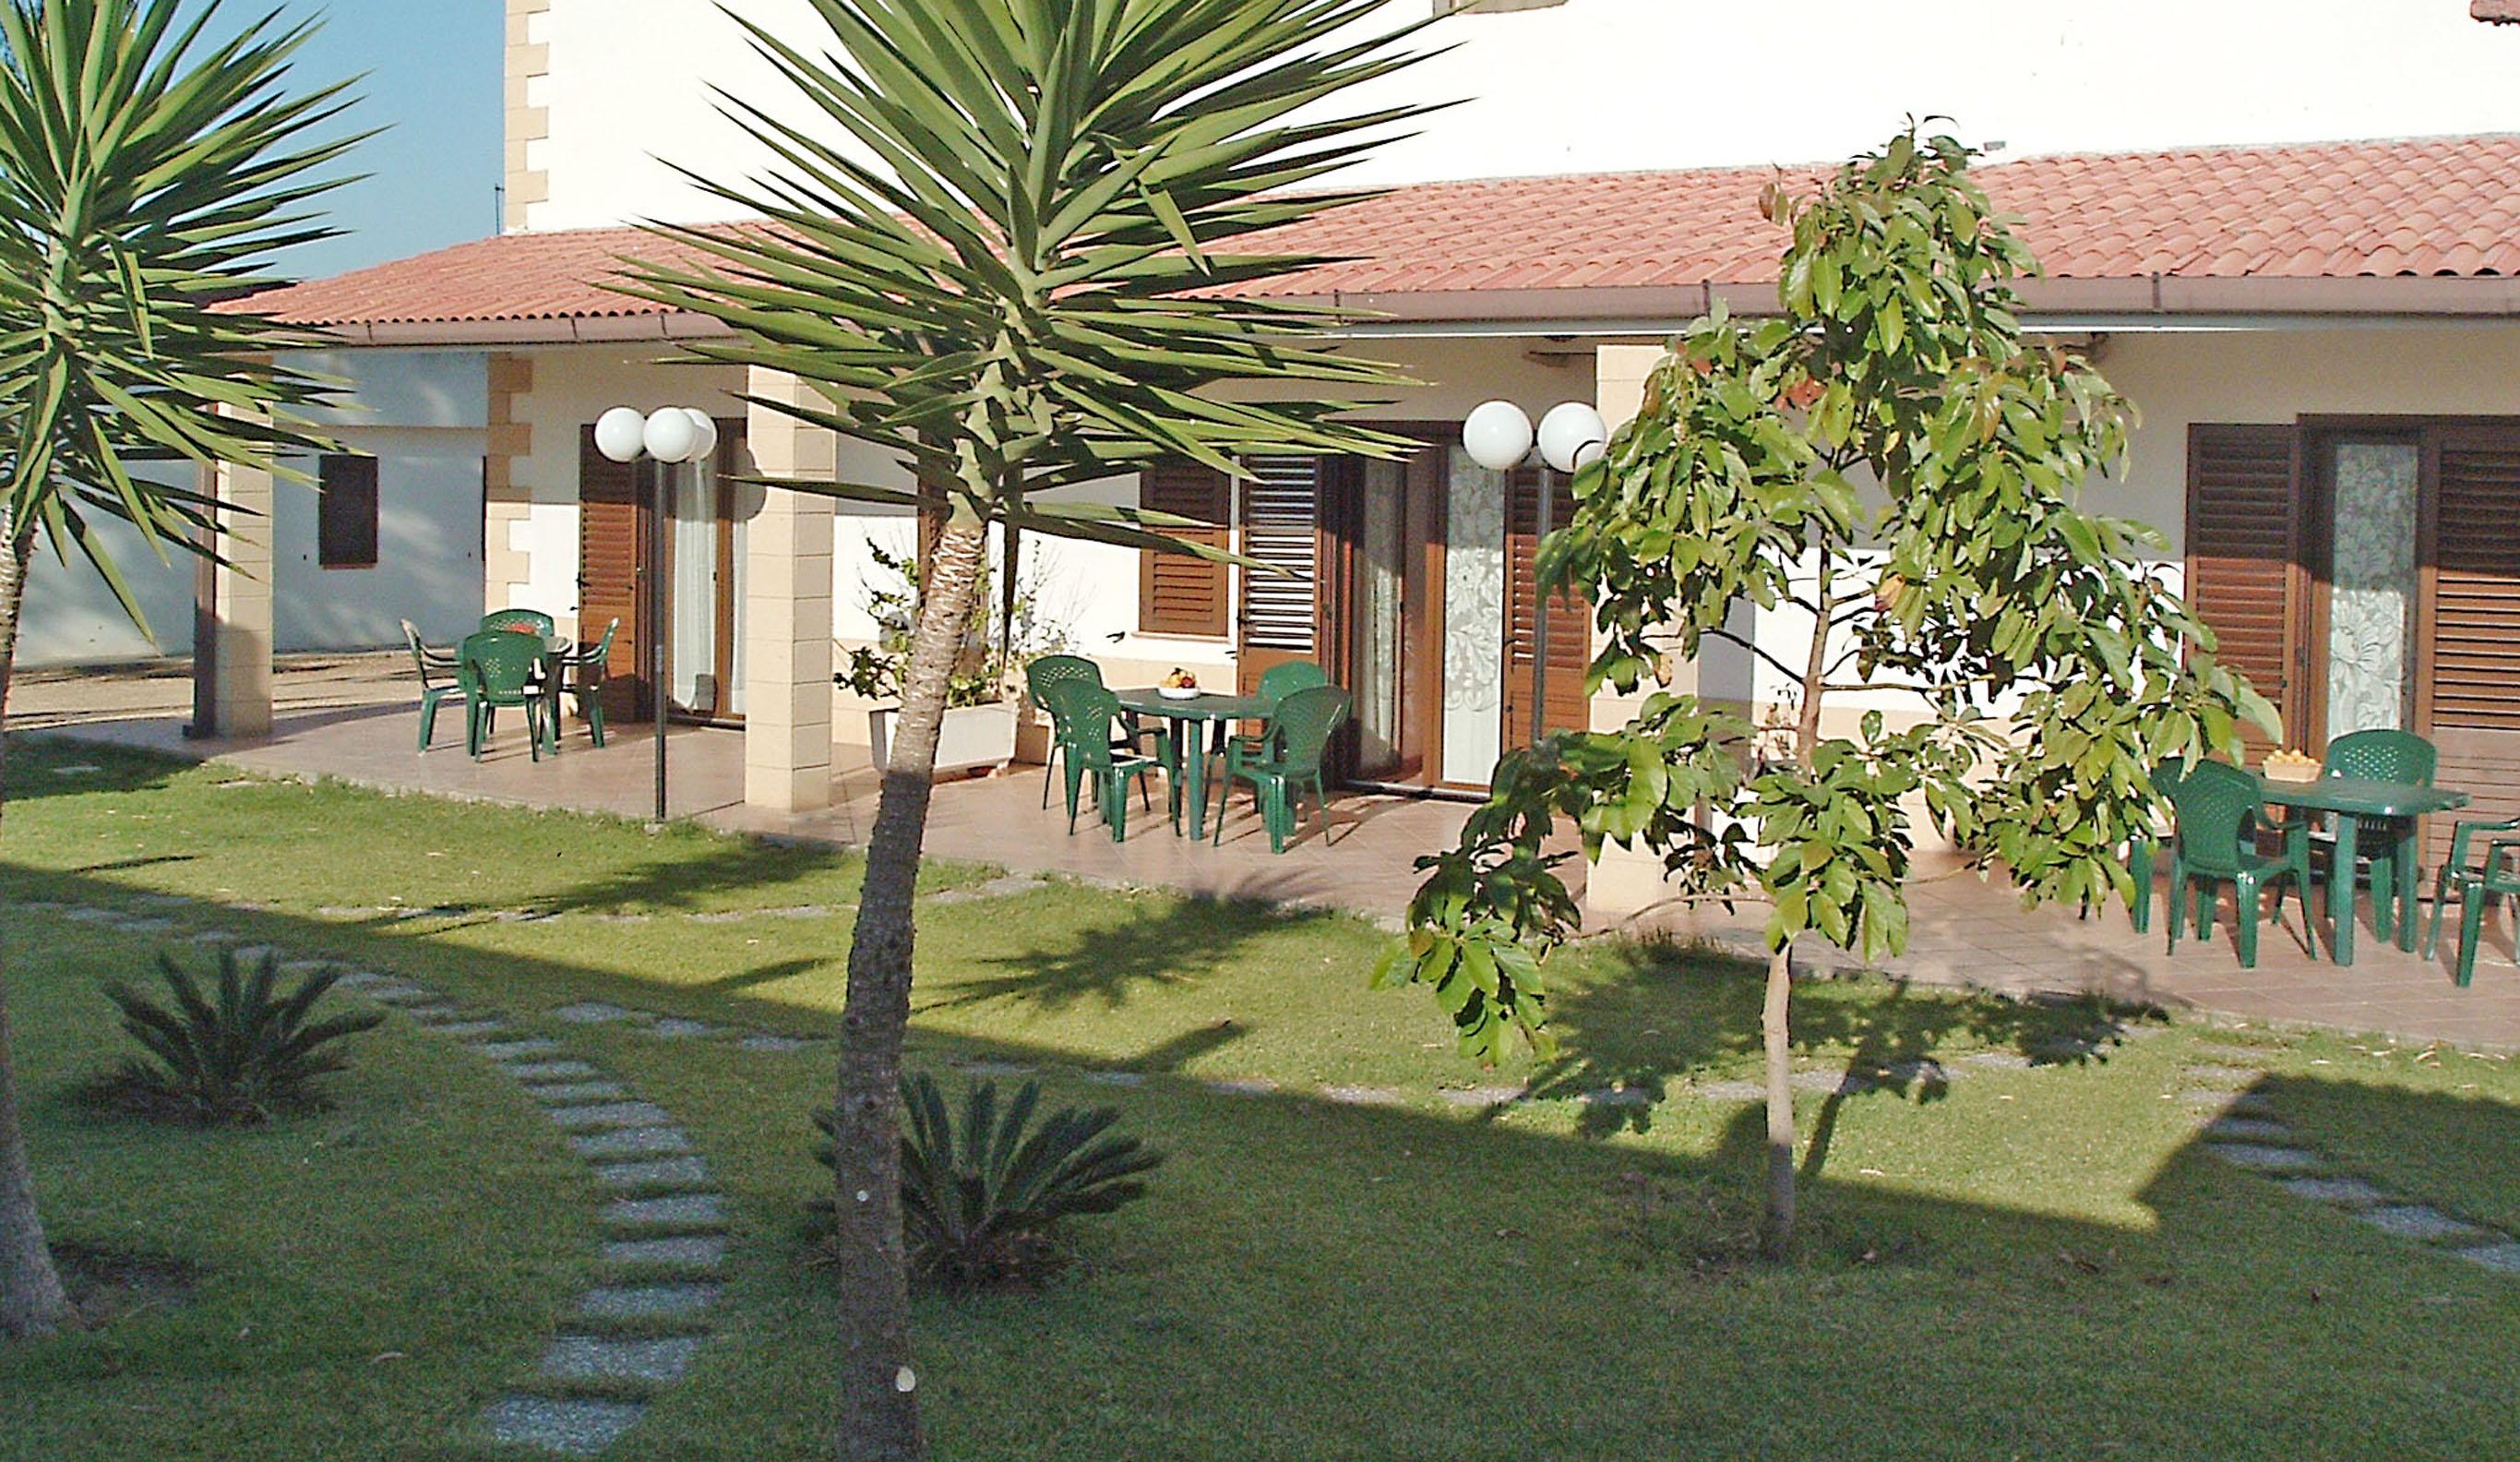 giardino su verande